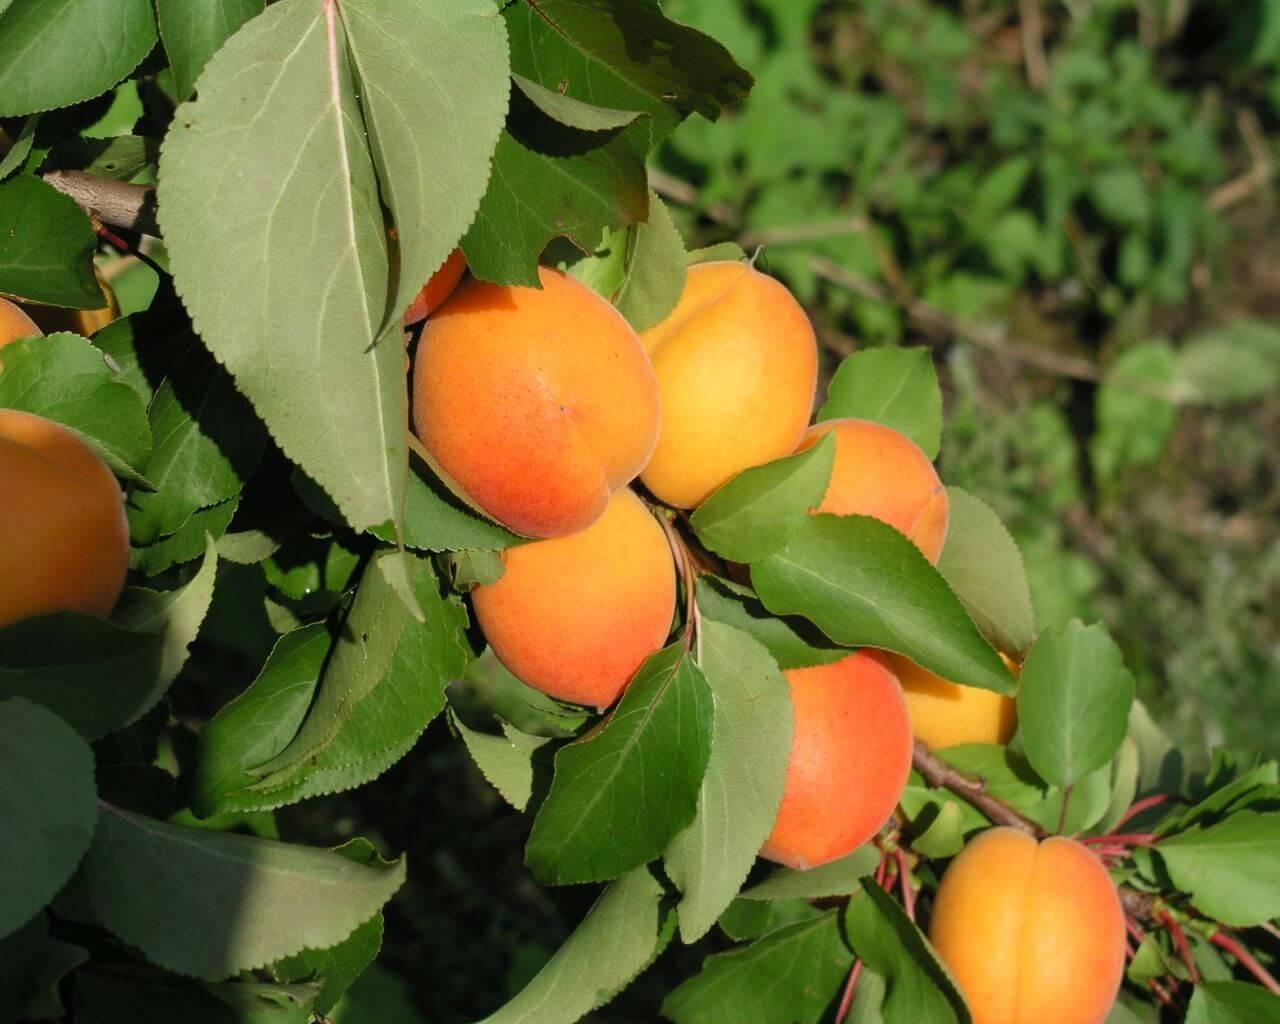 Абрикос на урале: посадка и уход, сорта абрикос на урале: посадка и уход, сорта